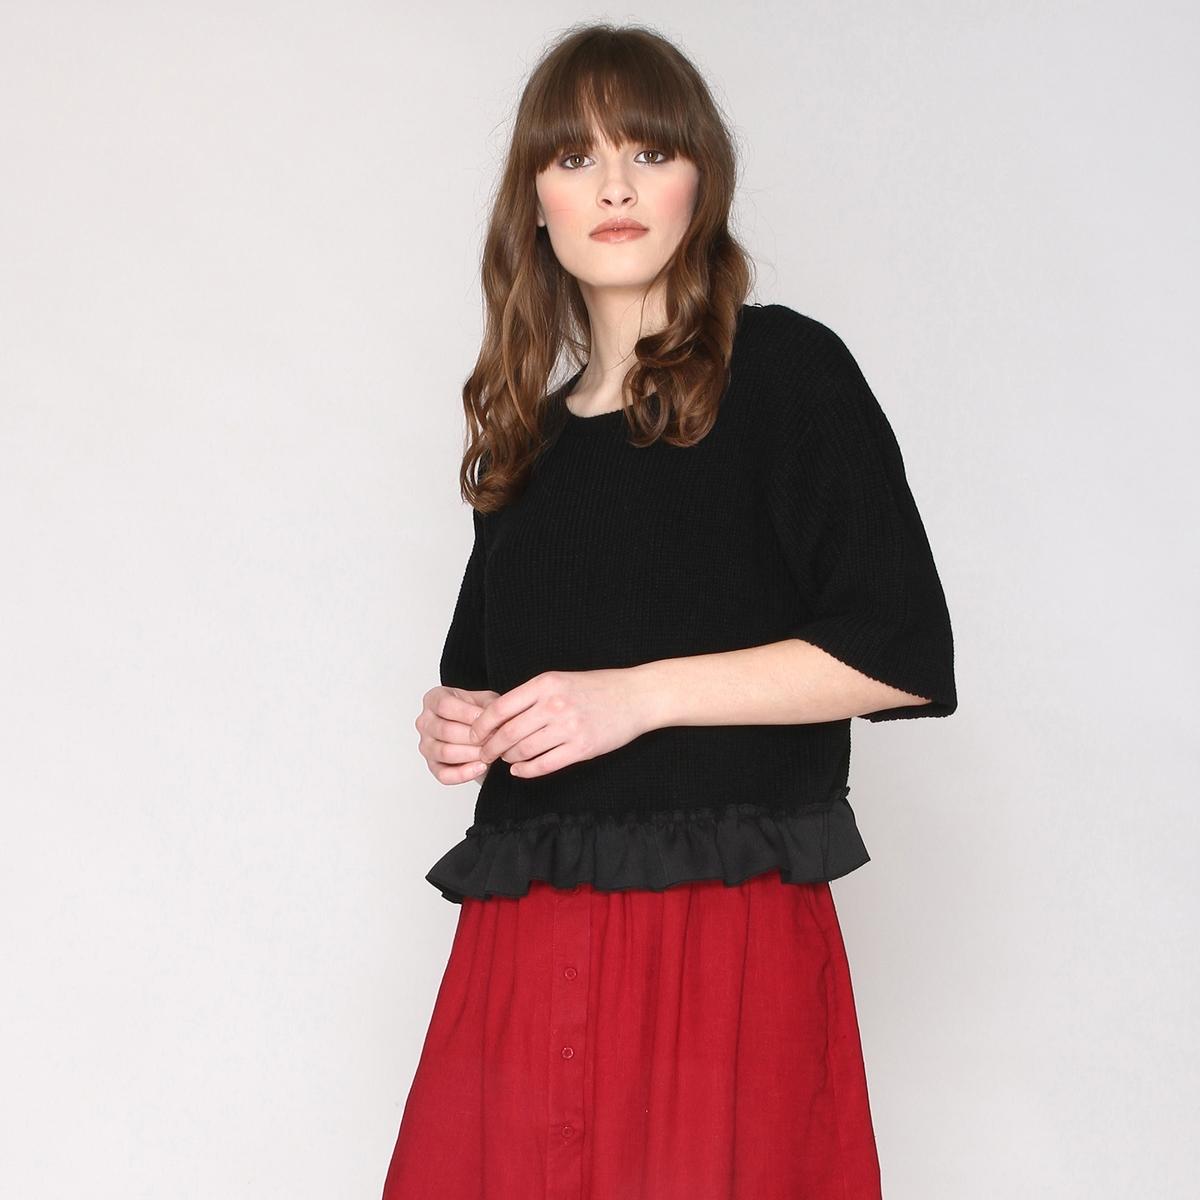 Пуловер с воланом по низу, рукава 3/4Пуловер с воланом по низу, рукава 3/4, круглый вырез, Pepaloves. Марка Pepaloves всегда дарит нам весёлые, женственные и вдохновлённые модели: доказательство этому - этот пуловер, украшенный воланом по низу, современный и романтичный!  С этой моделью от испанской марки Pepaloves Вы можете создать Ваш новый симпатичный образ!Состав и описание:Материал: 100% акрил.Марка: Pepaloves.Застежка: без застежки.Низ с воланами.<br><br>Цвет: черный<br>Размер: L